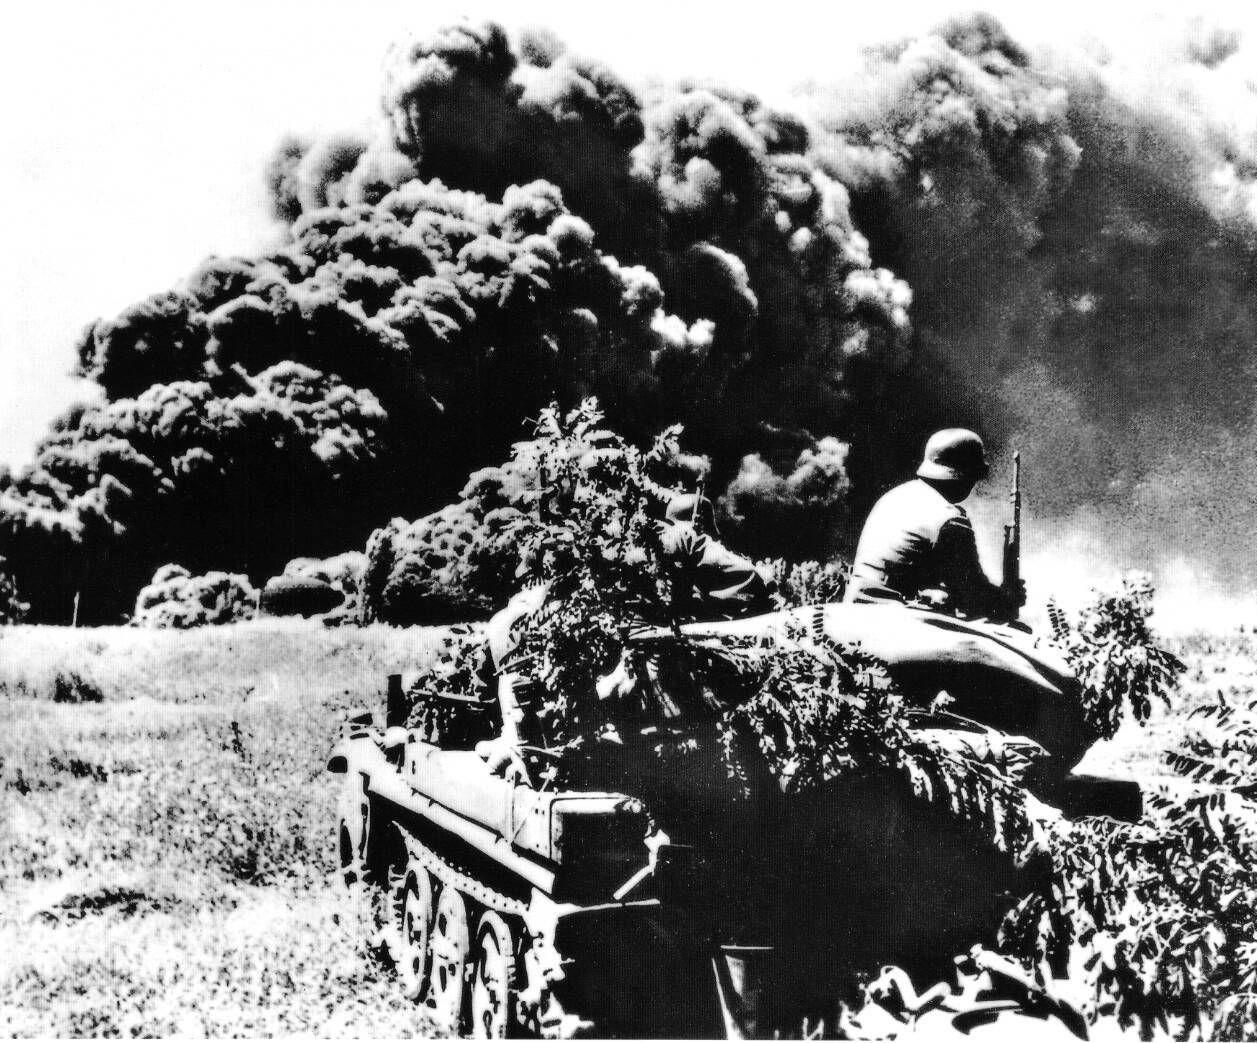 Немцы наблюдают за горящими нефтепромыслами в районе Майкопа, август 1942 года ©Фото с сайта waralbum.ru